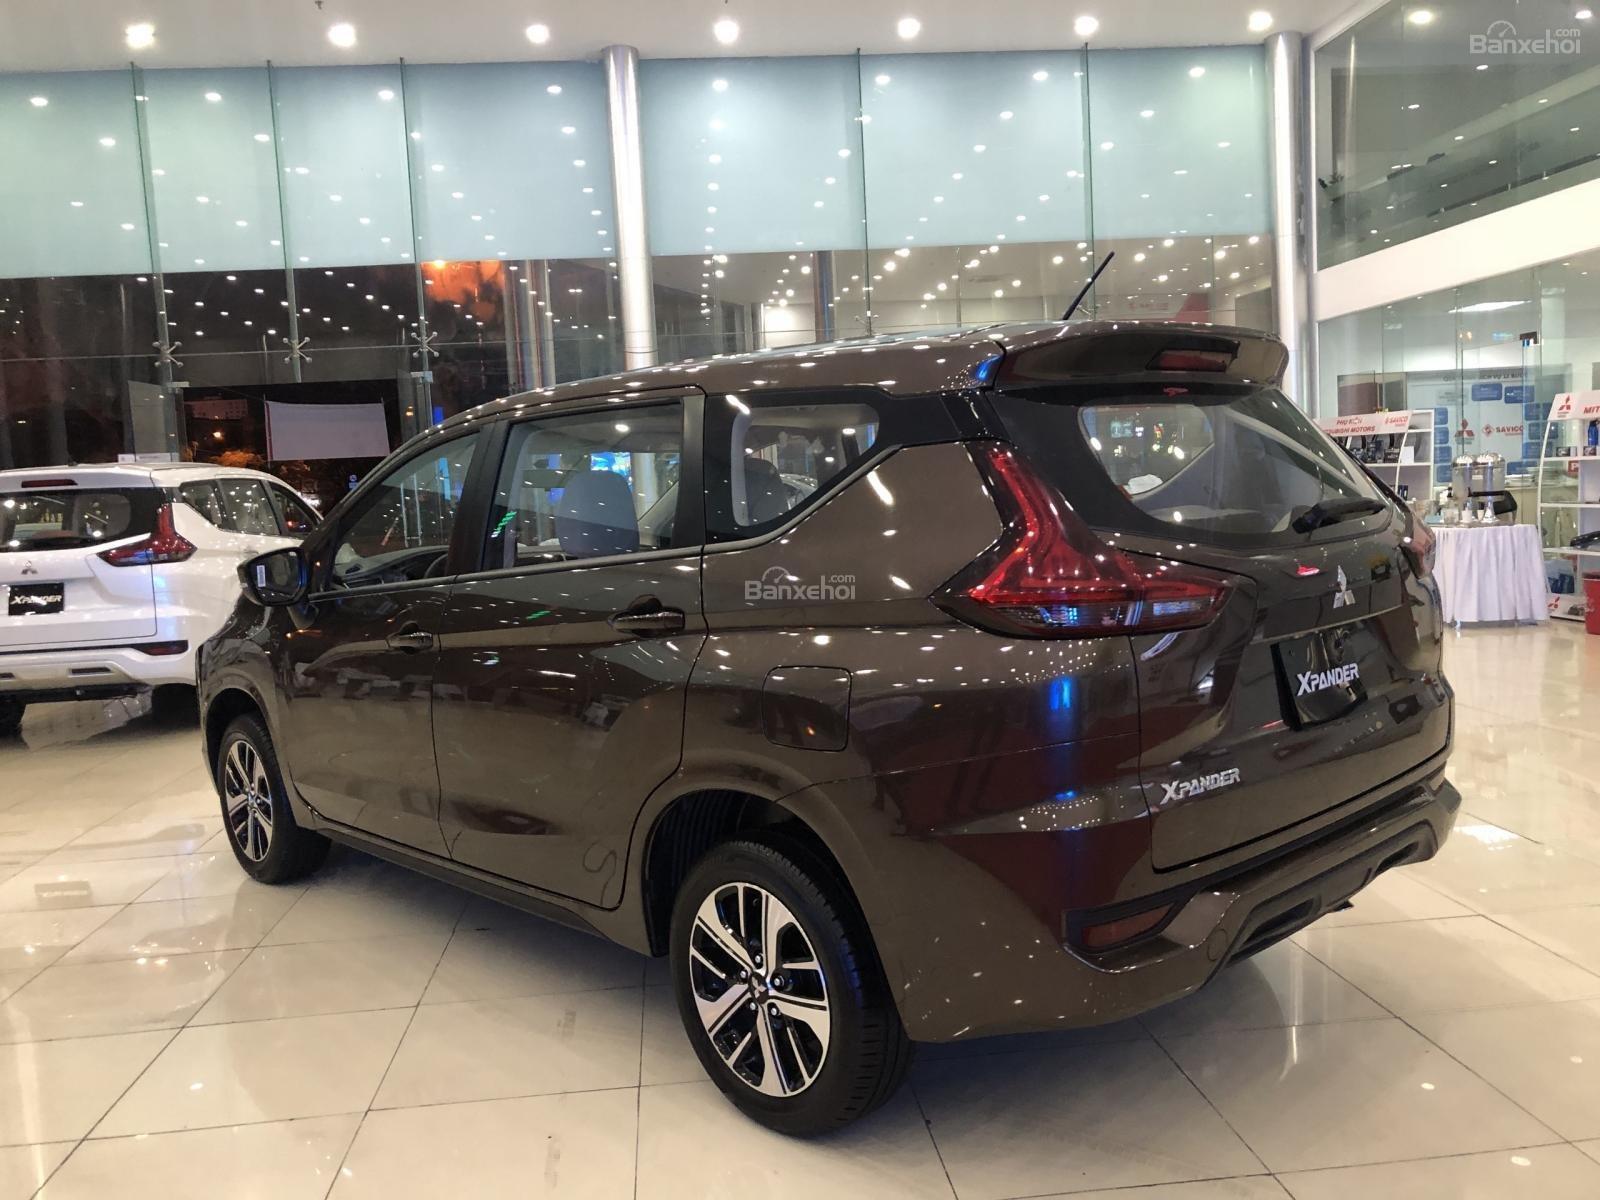 [Siêu Hot] Mitsubishi Xpander nhập nguyên chiếc từ Indo, động cơ 1.5, kinh doanh tốt. LH: 0905.91.01.99 (5)